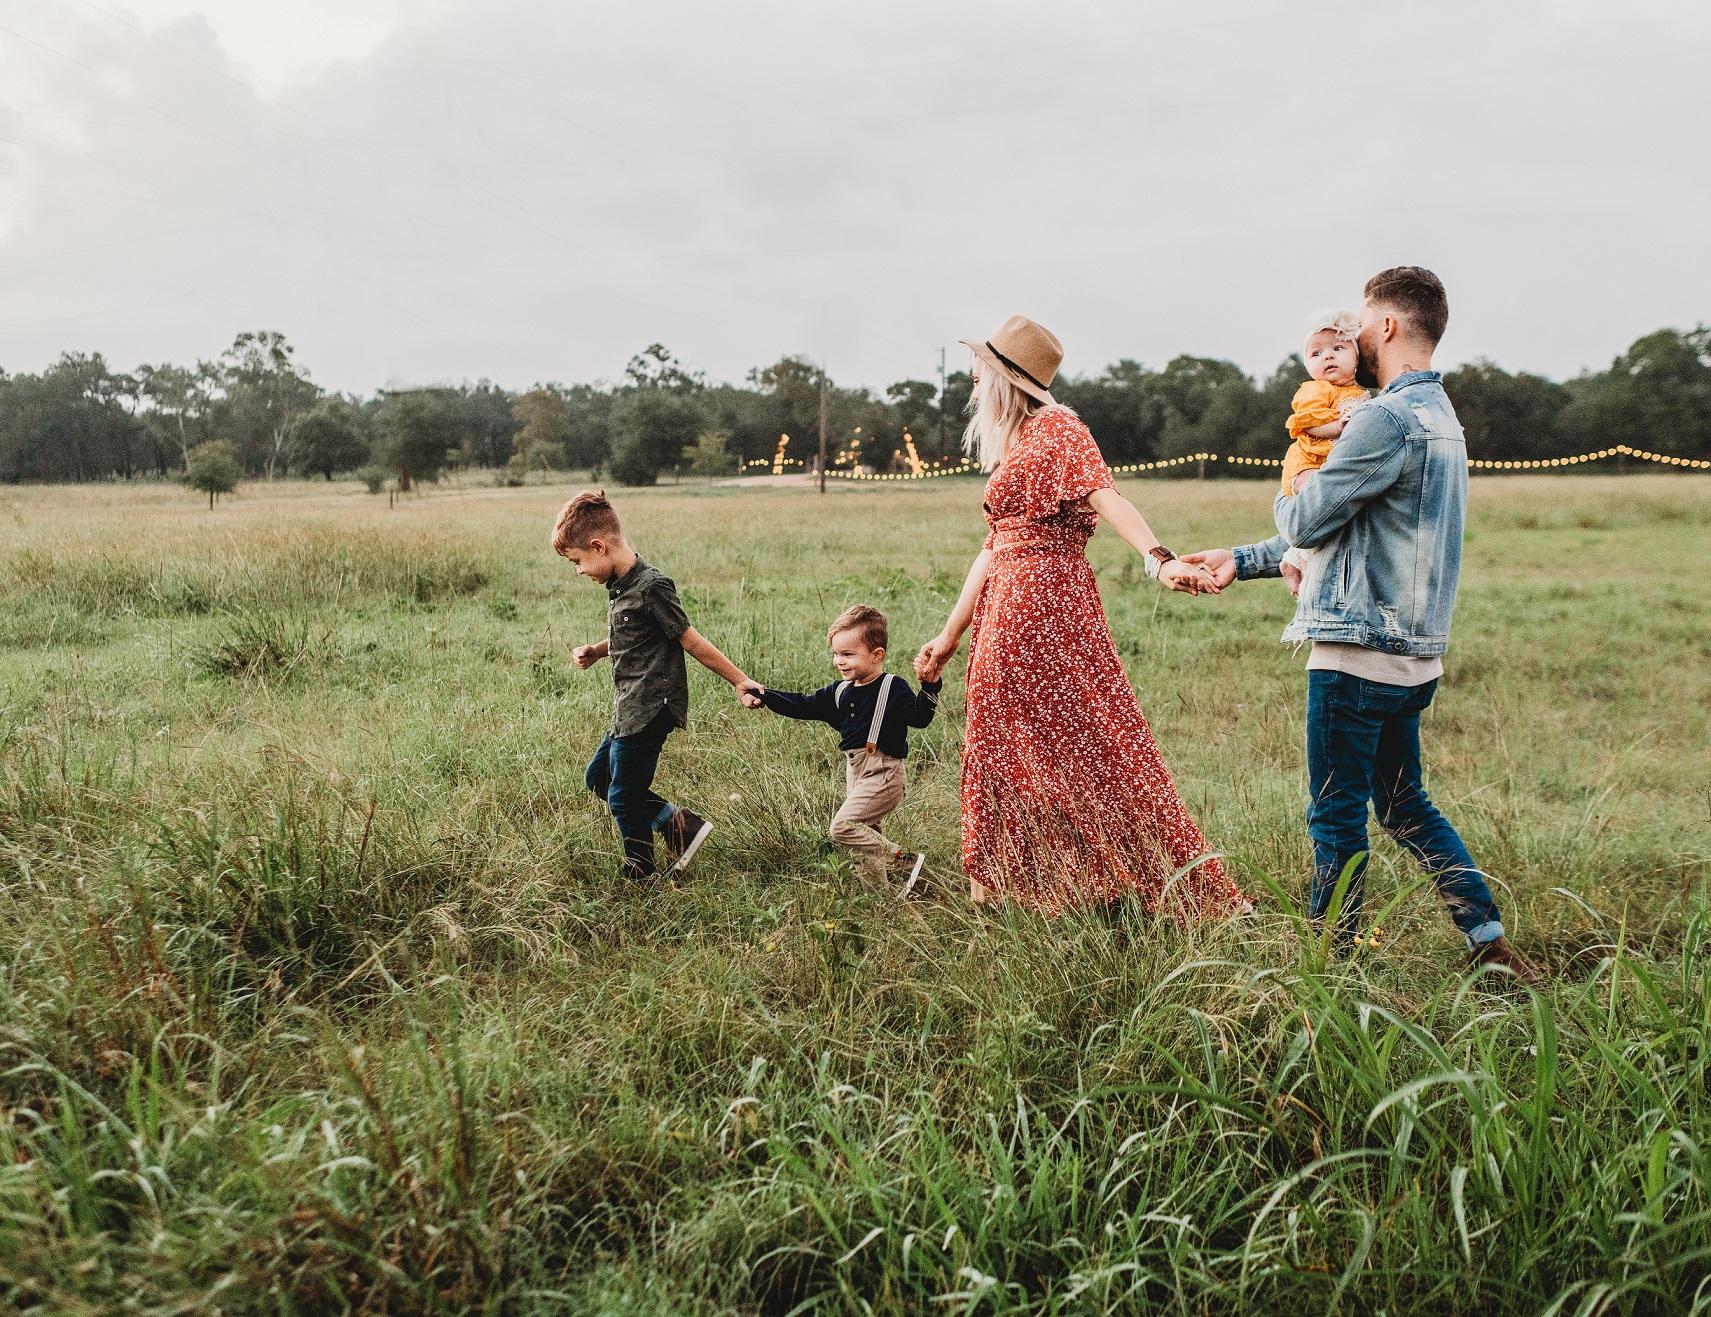 Univerzalnog recepta roditeljstva nema, ali bitno je znati da su strpljenje i nježnost temelji odnosa s djetetom.